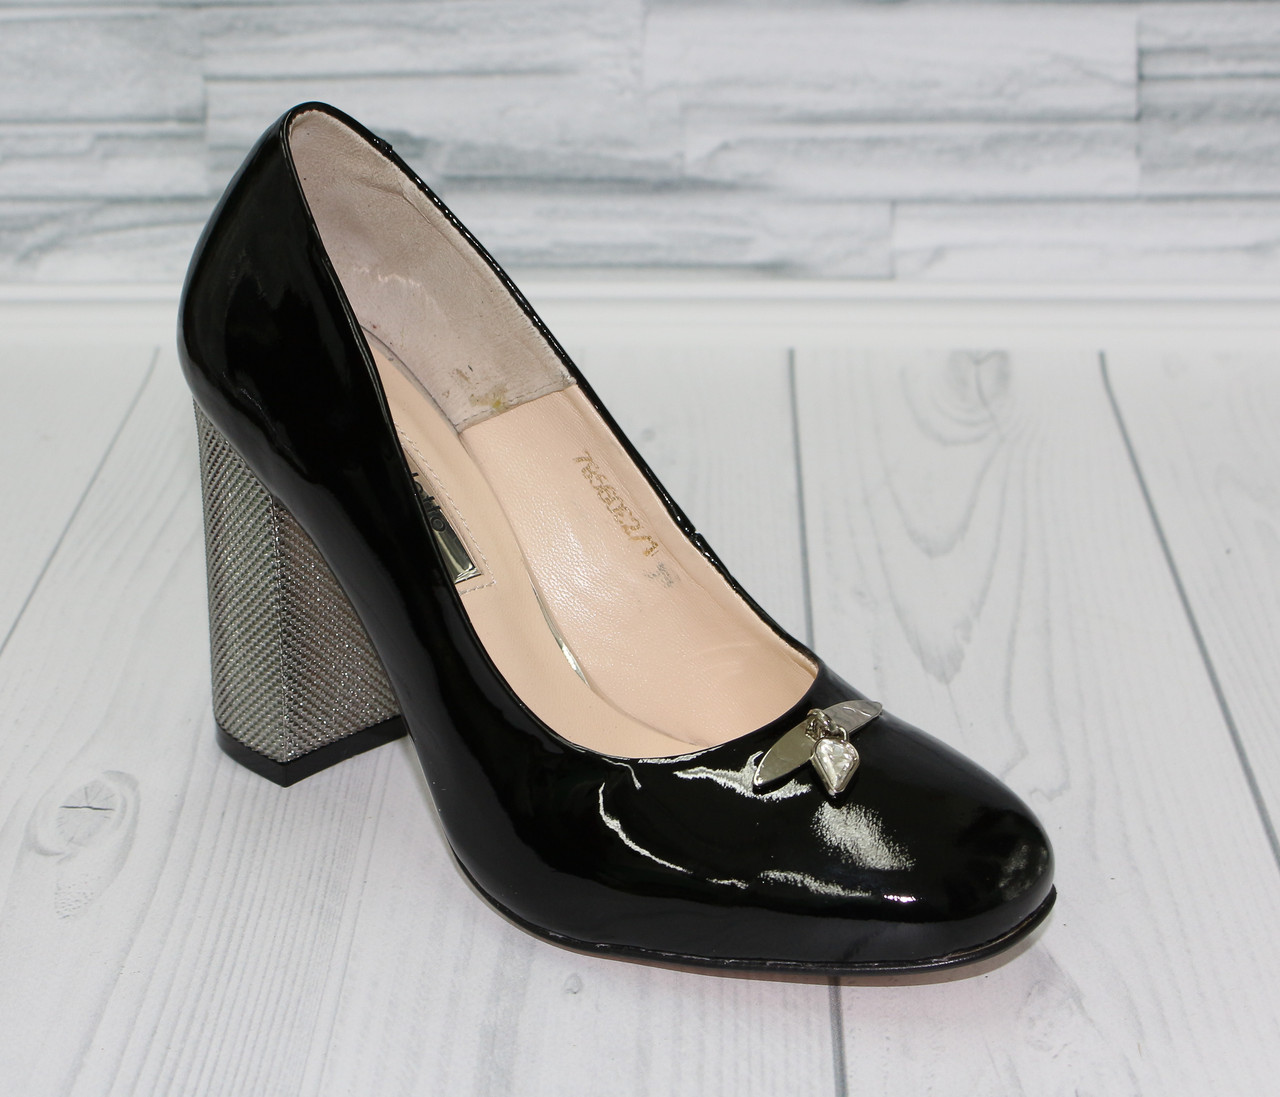 6ed449894 Лодочки на серебристом каблуке. Натуральная кожа. Туфли женские 0342 - Интернет  магазин обуви от